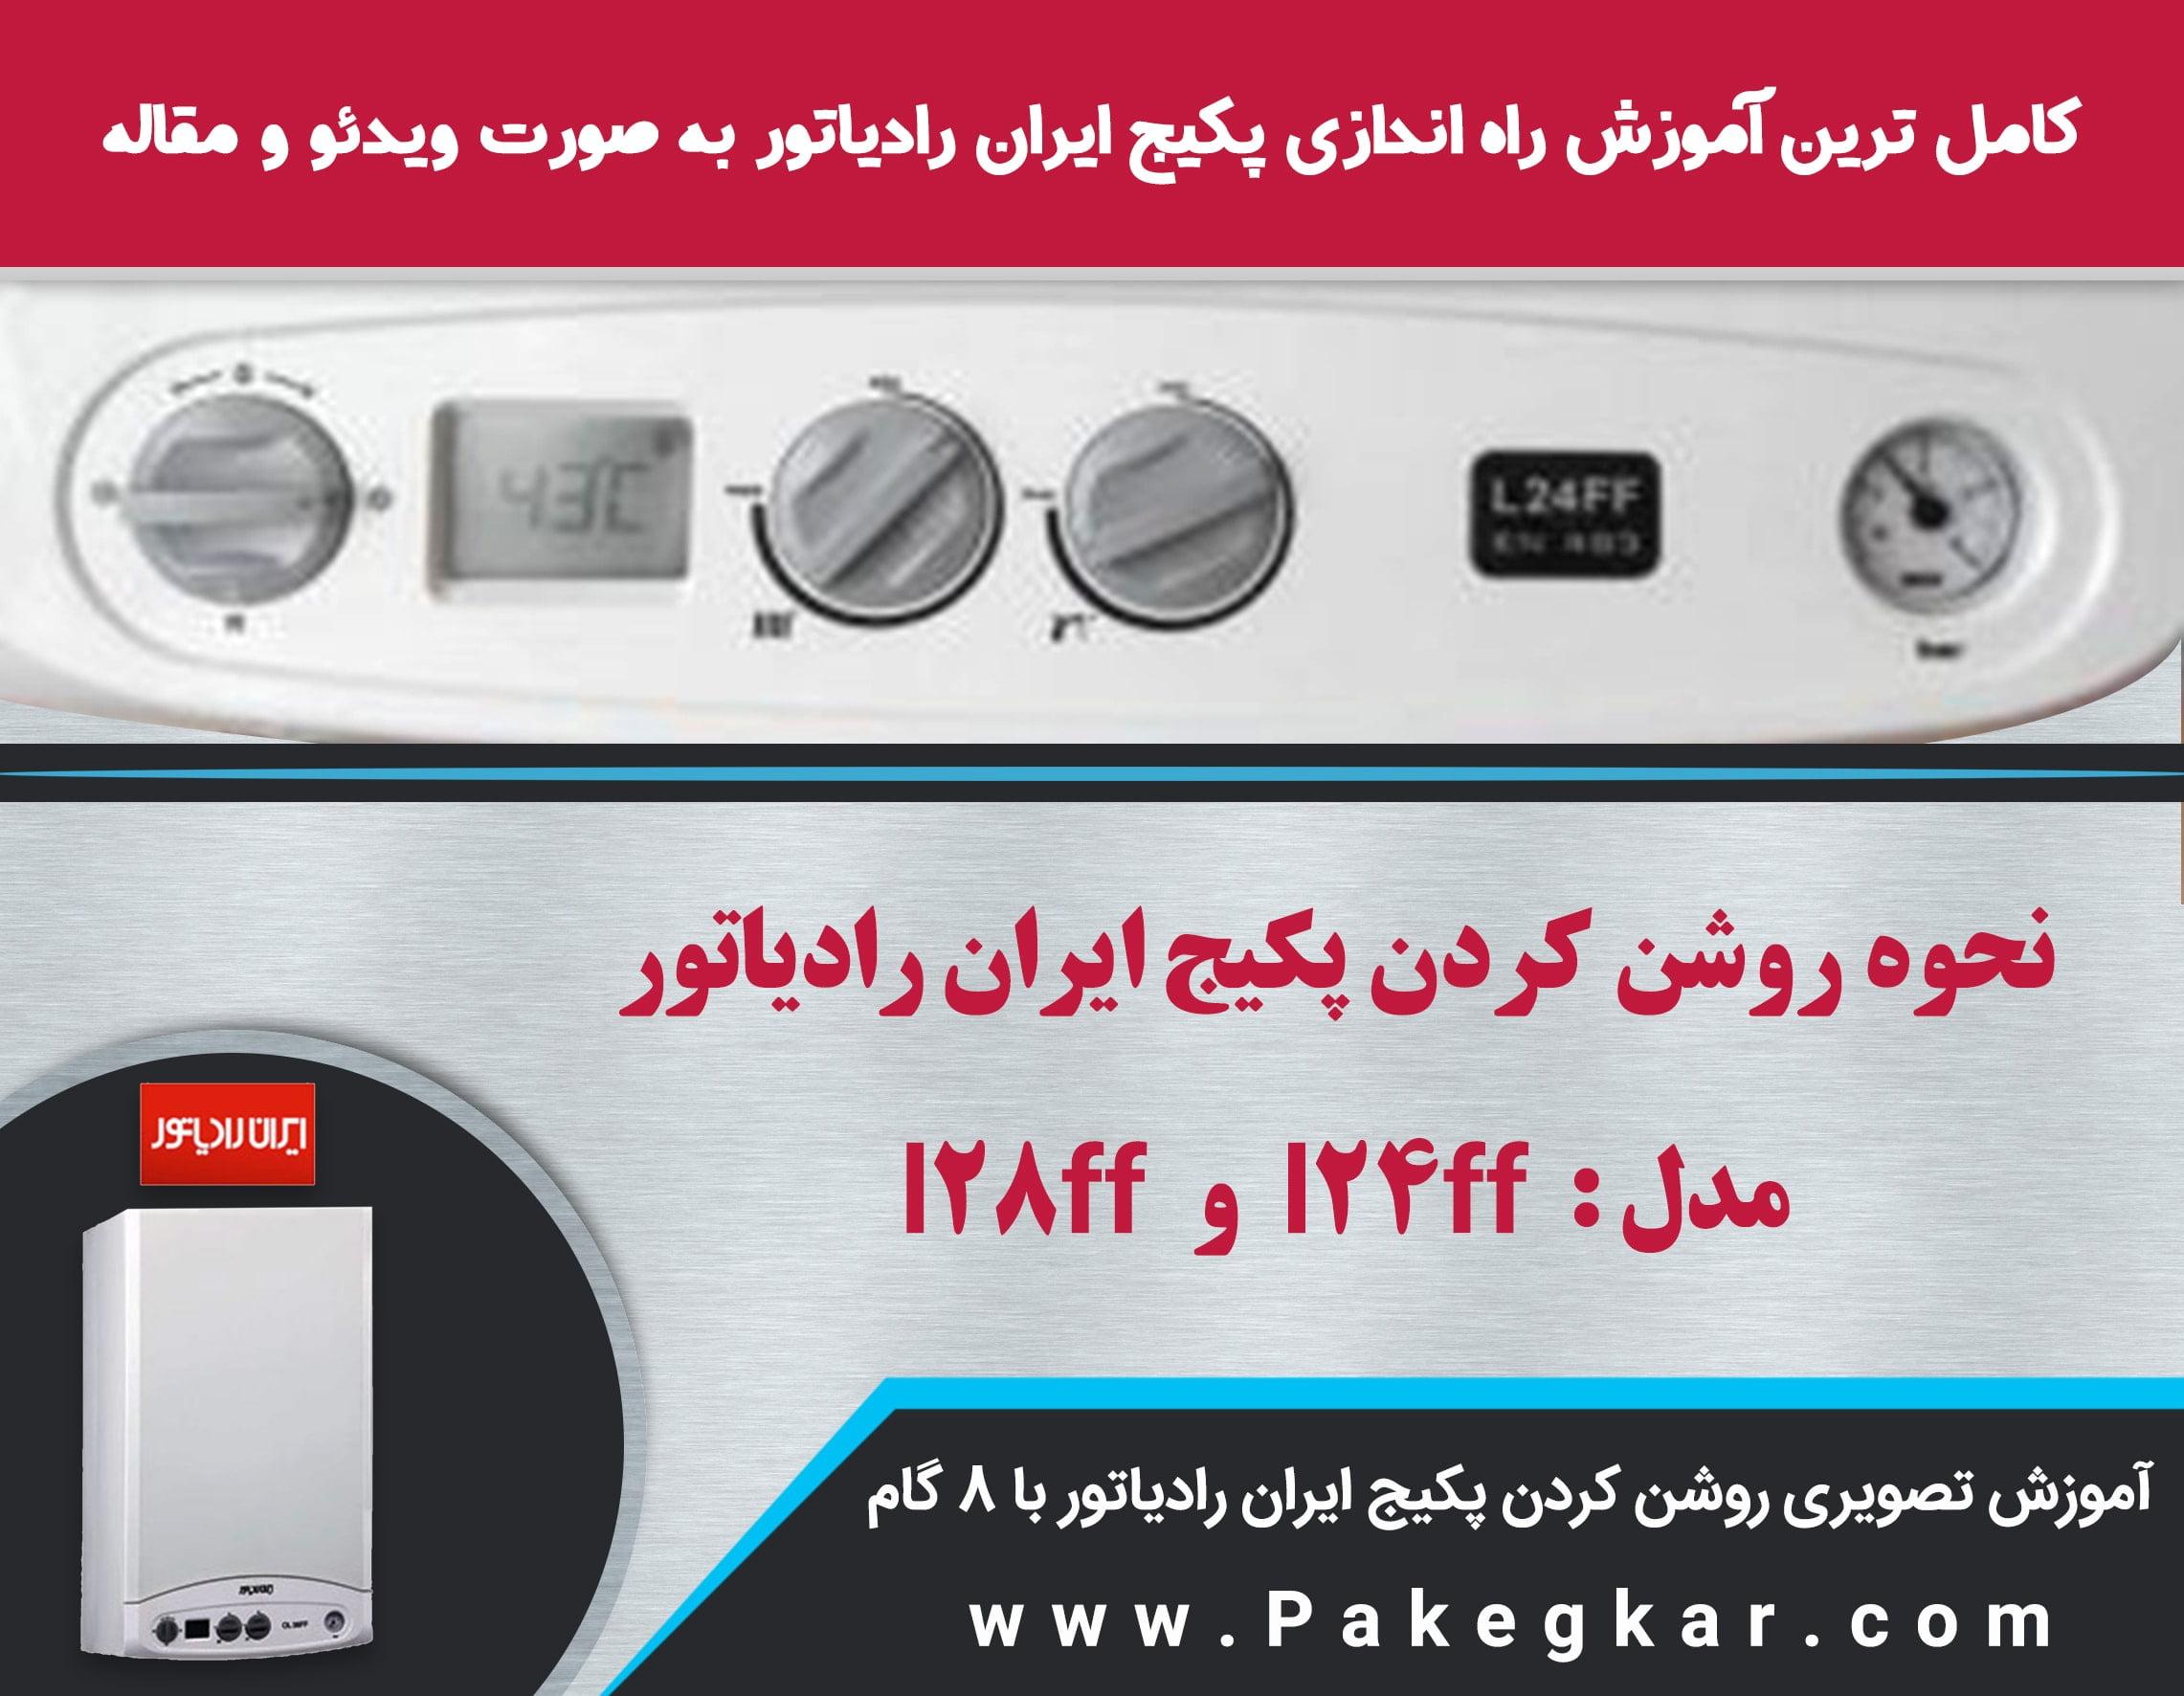 آموزش راه اندازی پکیج ایران رادیاتور